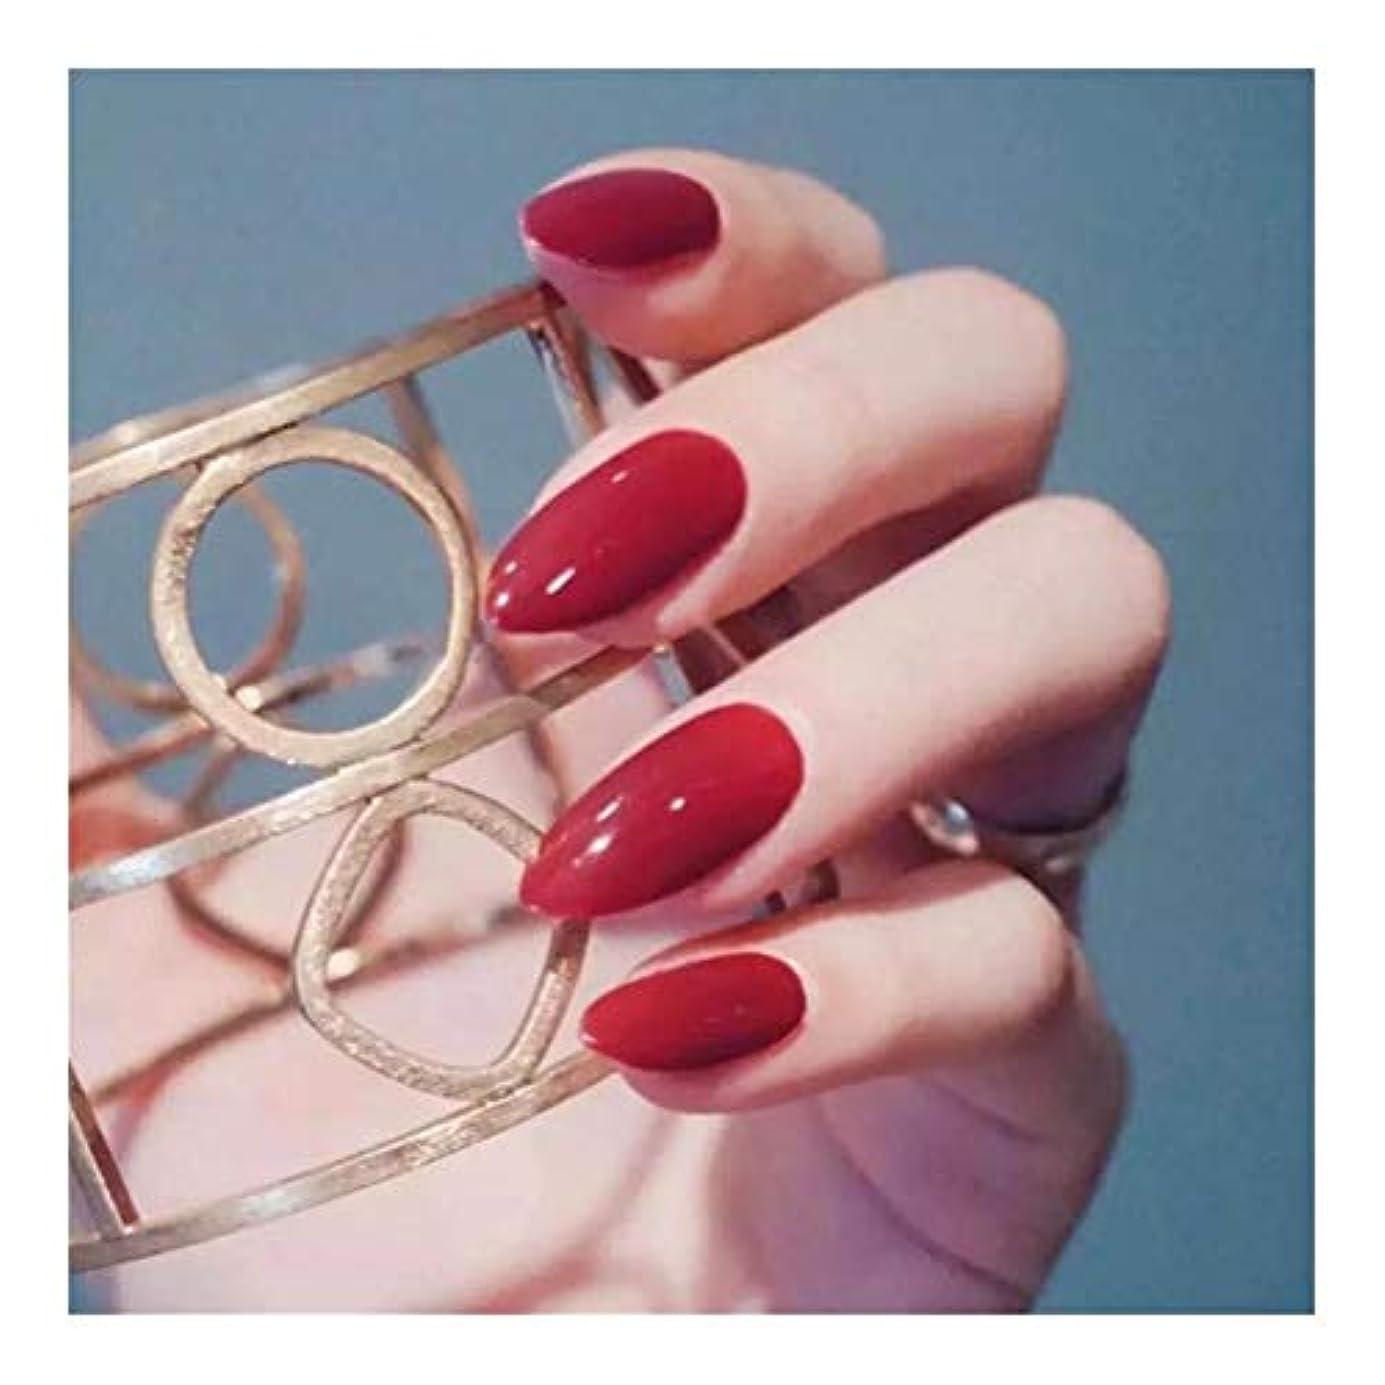 固有の鎖専門用語TAALESET リムーバブル服ヒント長いセクション明るい赤ネイルネイルグルーフェイク釘完成 (色 : 24 pieces)